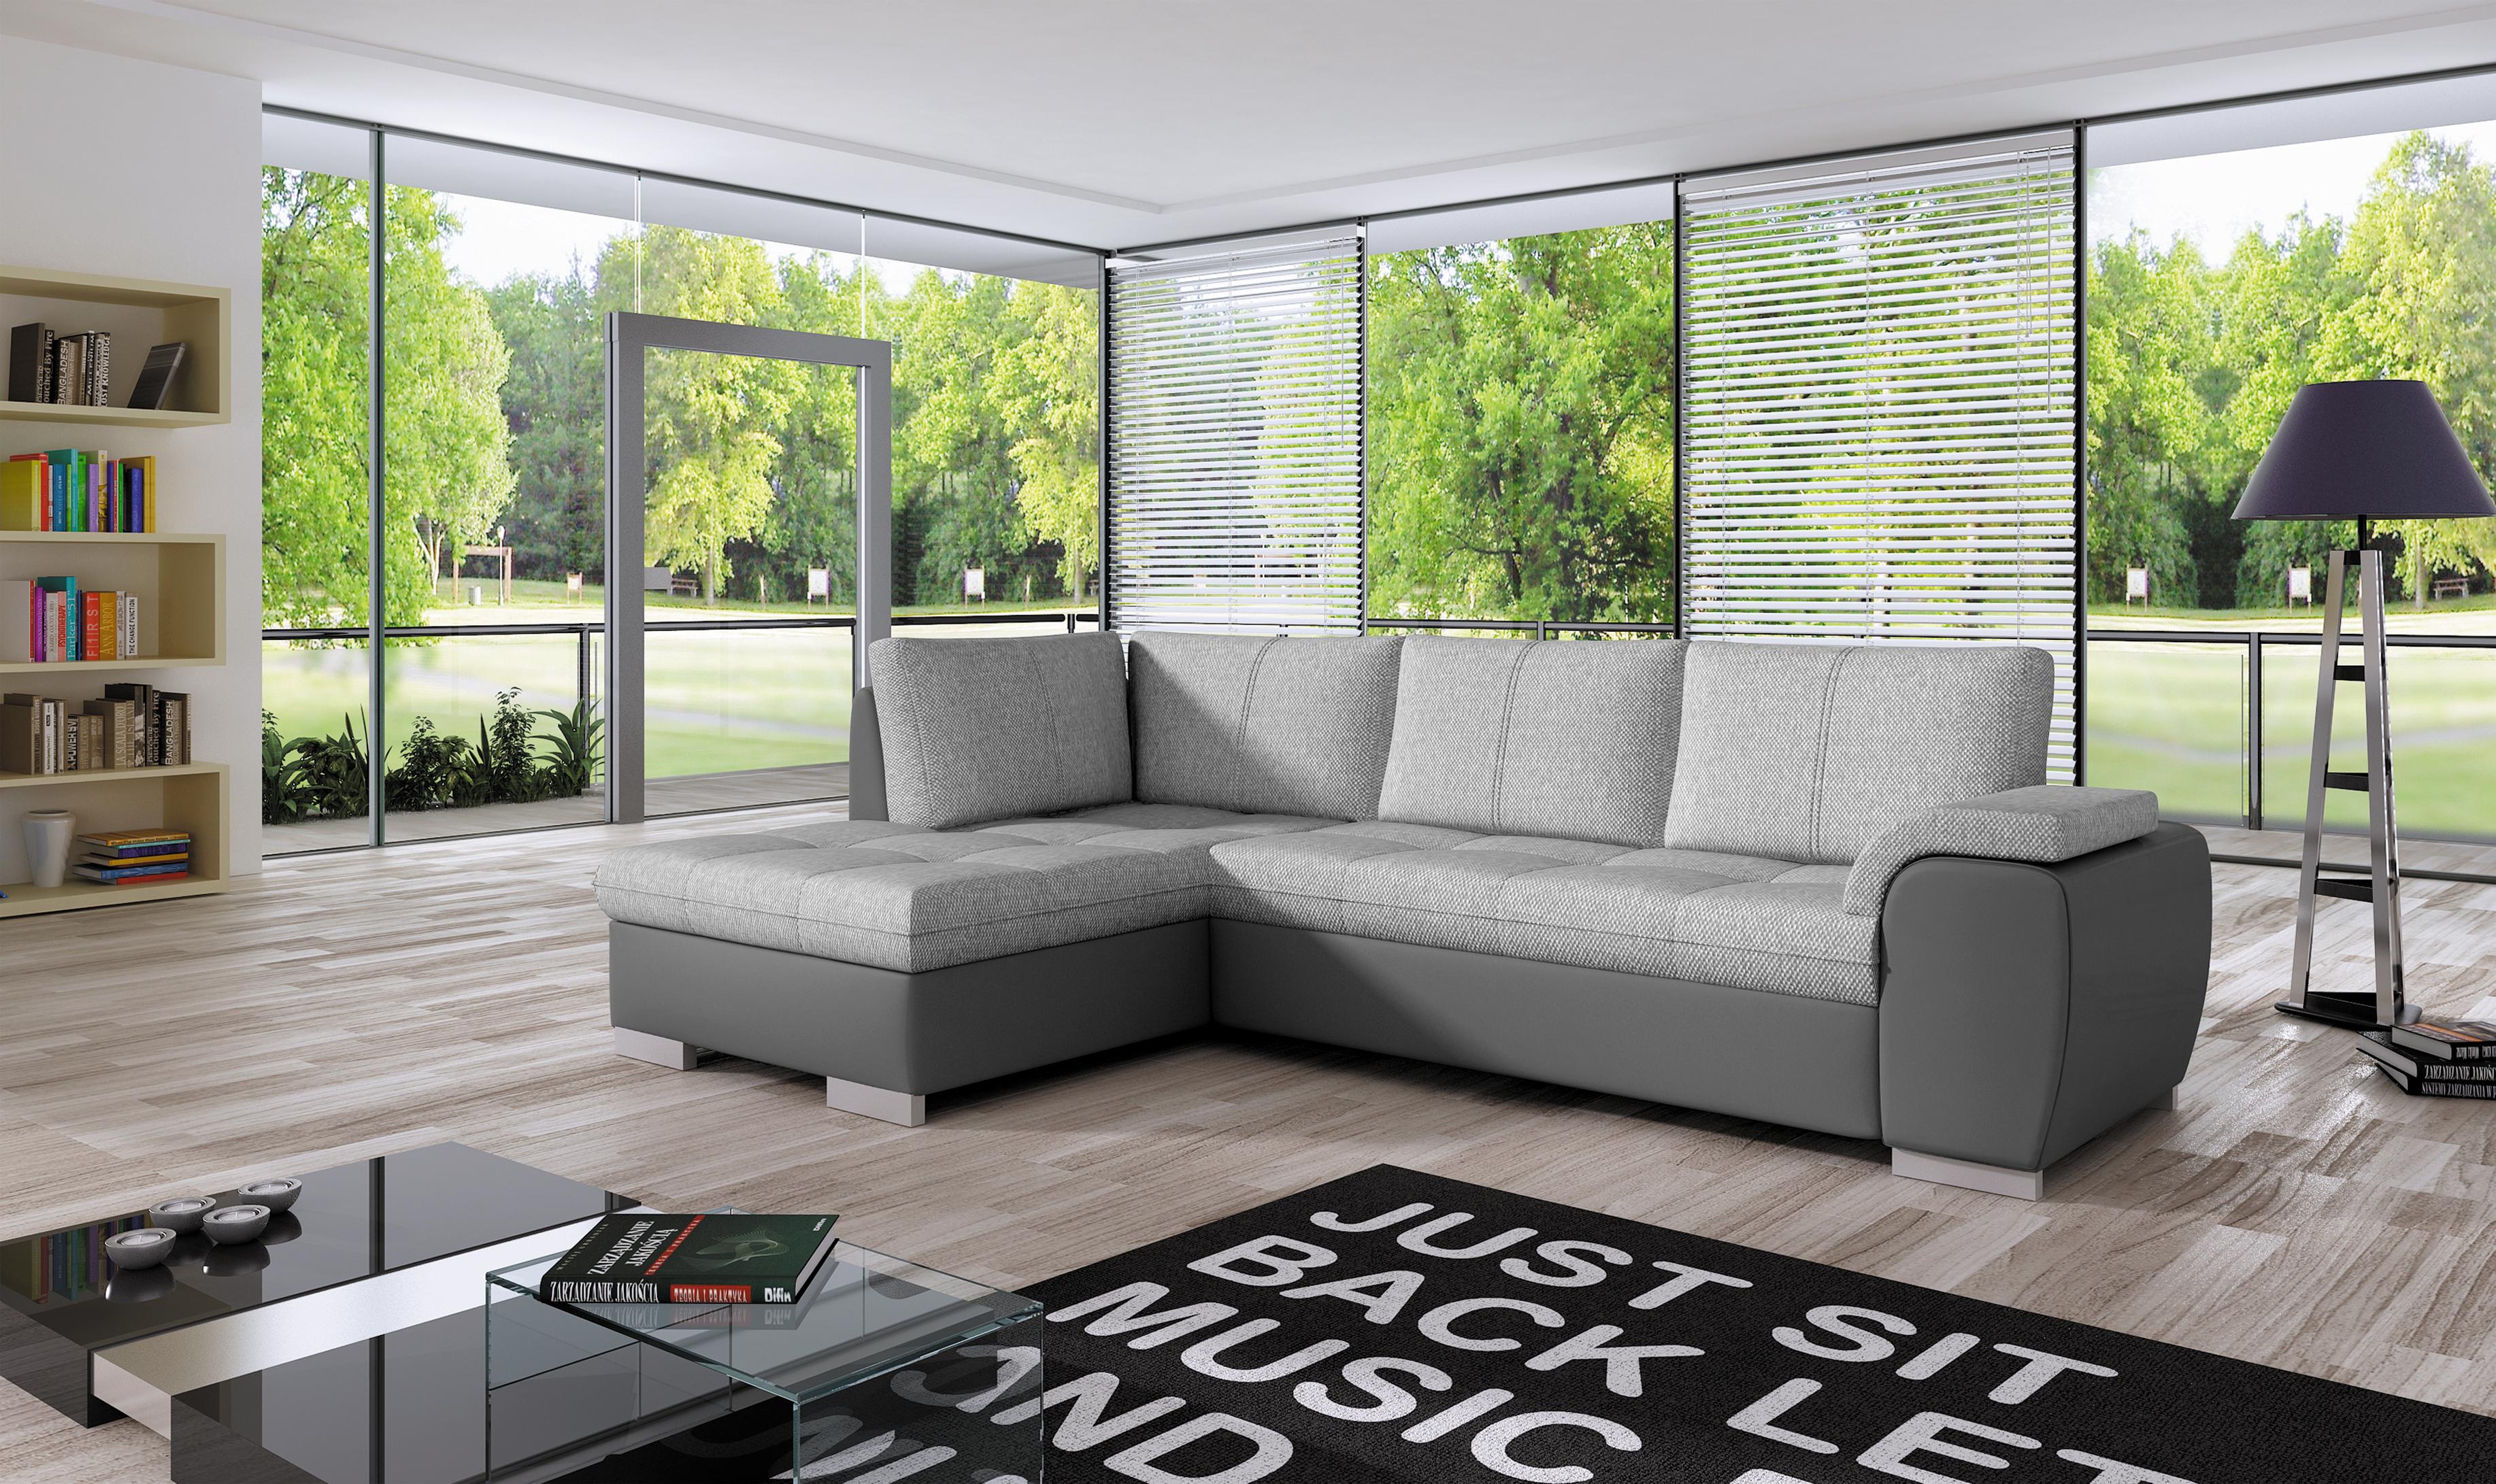 Kleines sofa gnstig kleines design ecksofa mit funktion modell with kleines sofa gnstig cool - Kleine couchgarnitur ...